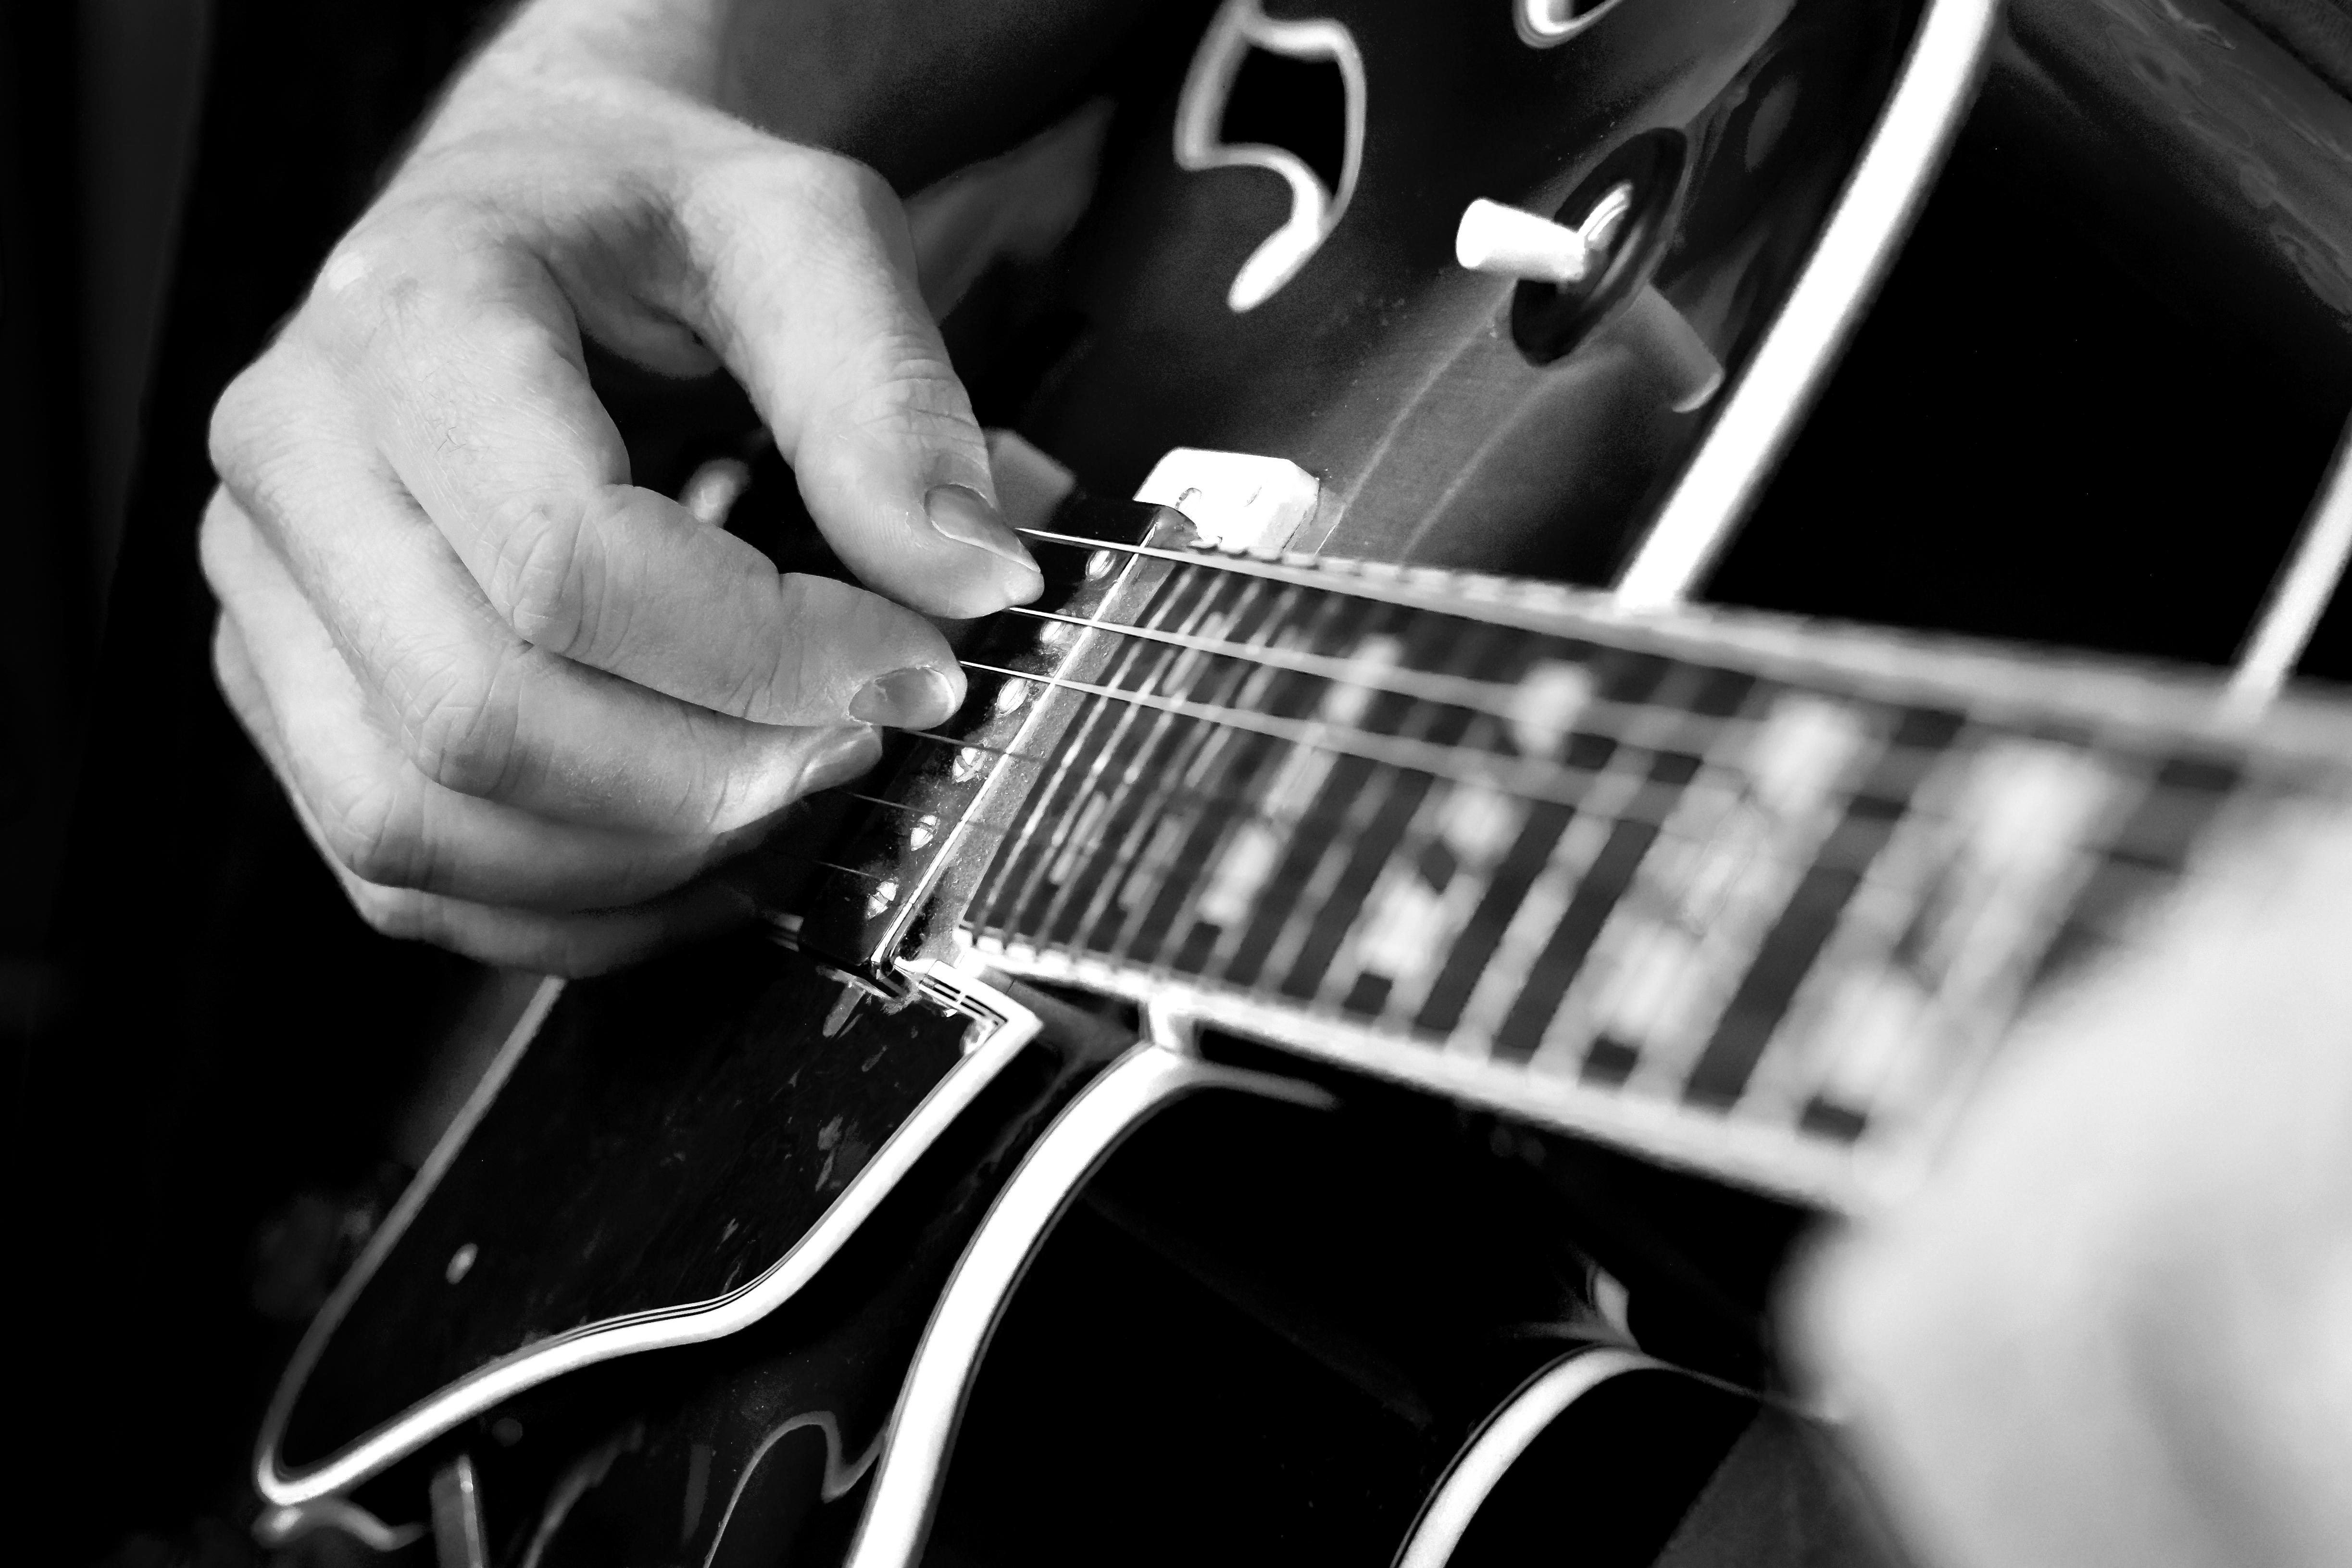 デスクトップ壁紙 音楽 ミュージシャン マイクロフォン 遊ぶ エレキギター イバニーズ Bw ハンド 黒と白 モノクロ写真 引っ張られた弦楽器 ベースギター アコースティックギター スライドギター ジャズギタリスト Musical Instrument Accessory String